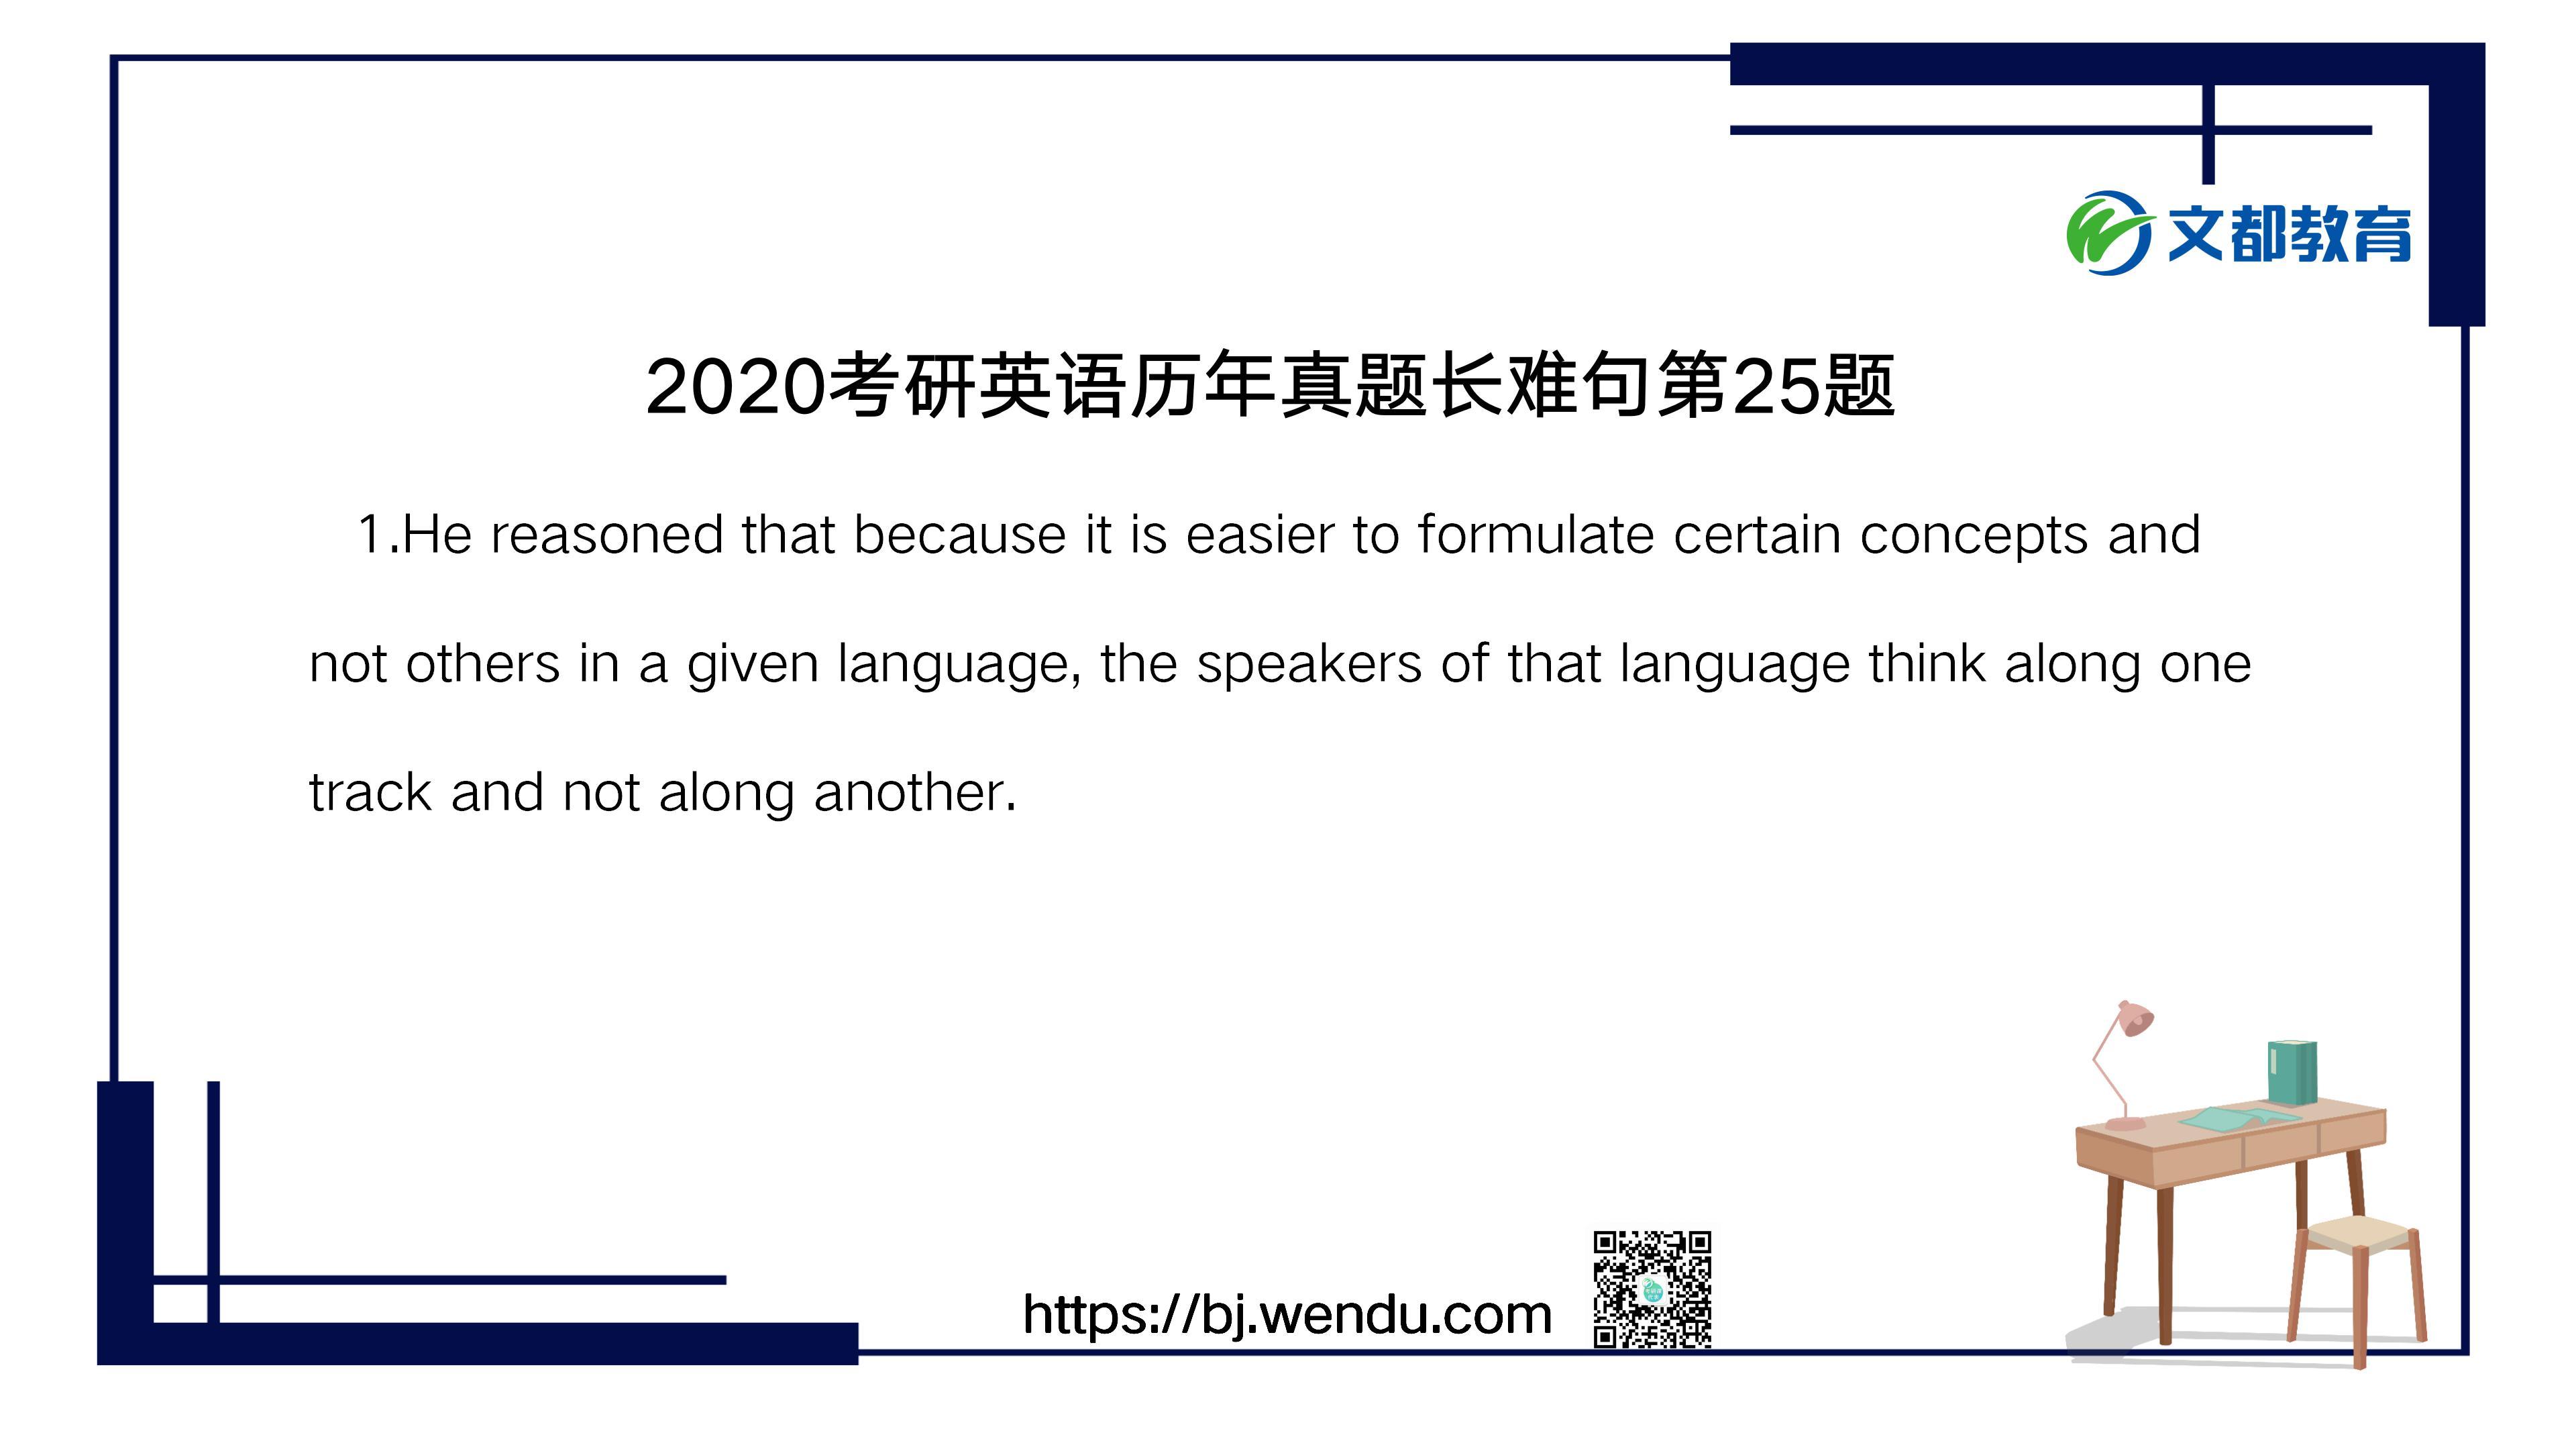 2020考研英语历年真题长难句第25题